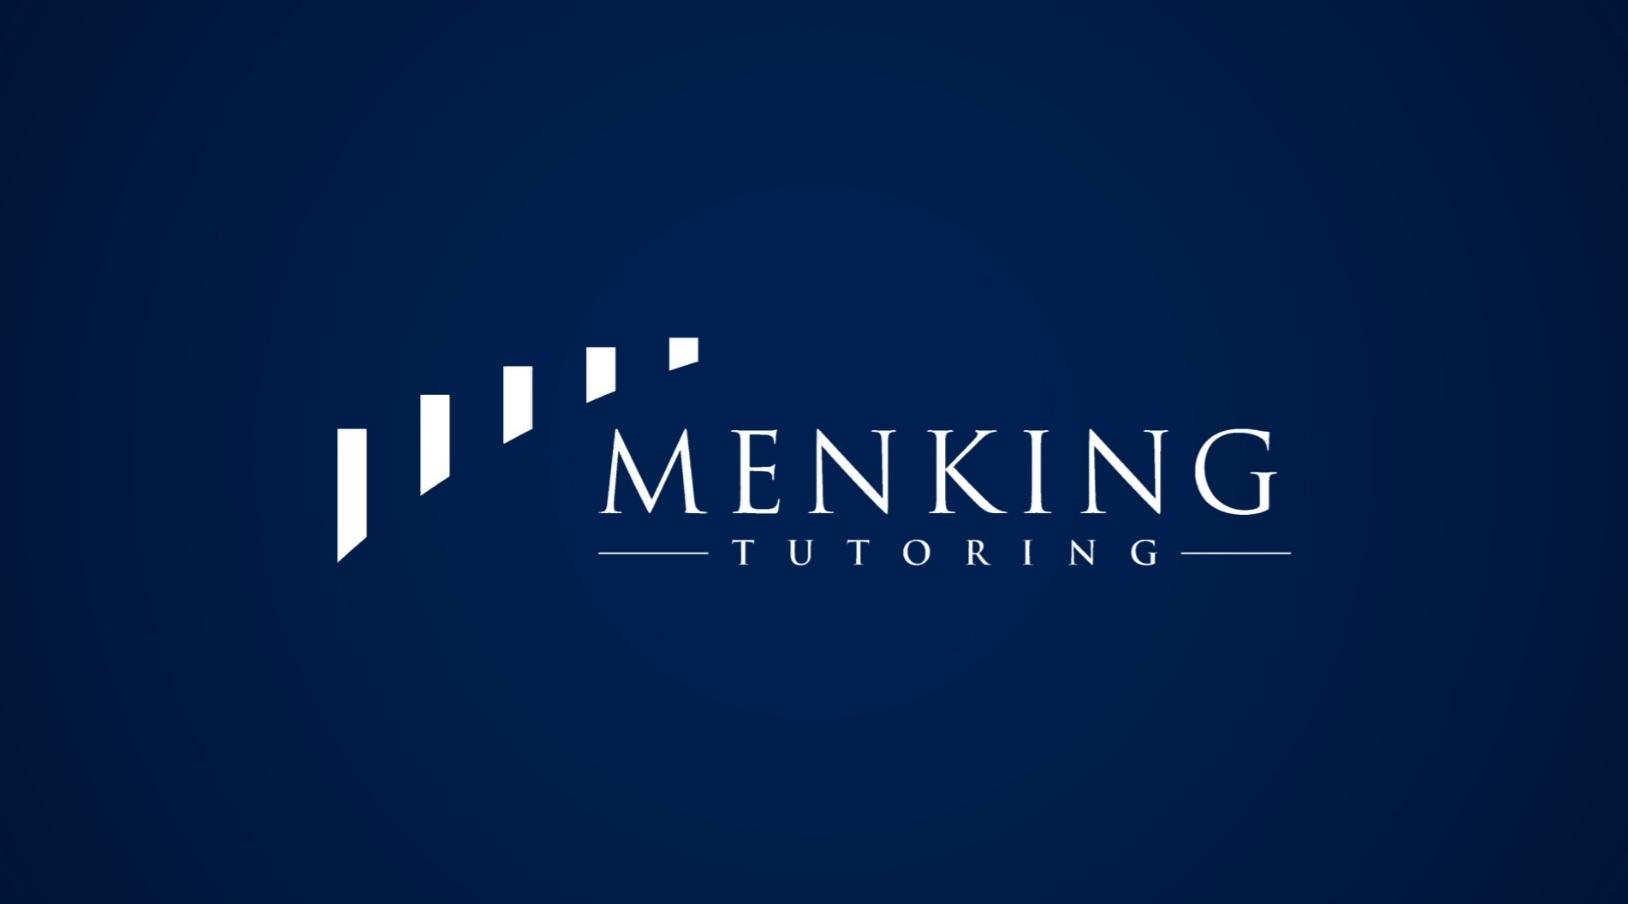 00-01 Welcome To Menking Tutoring